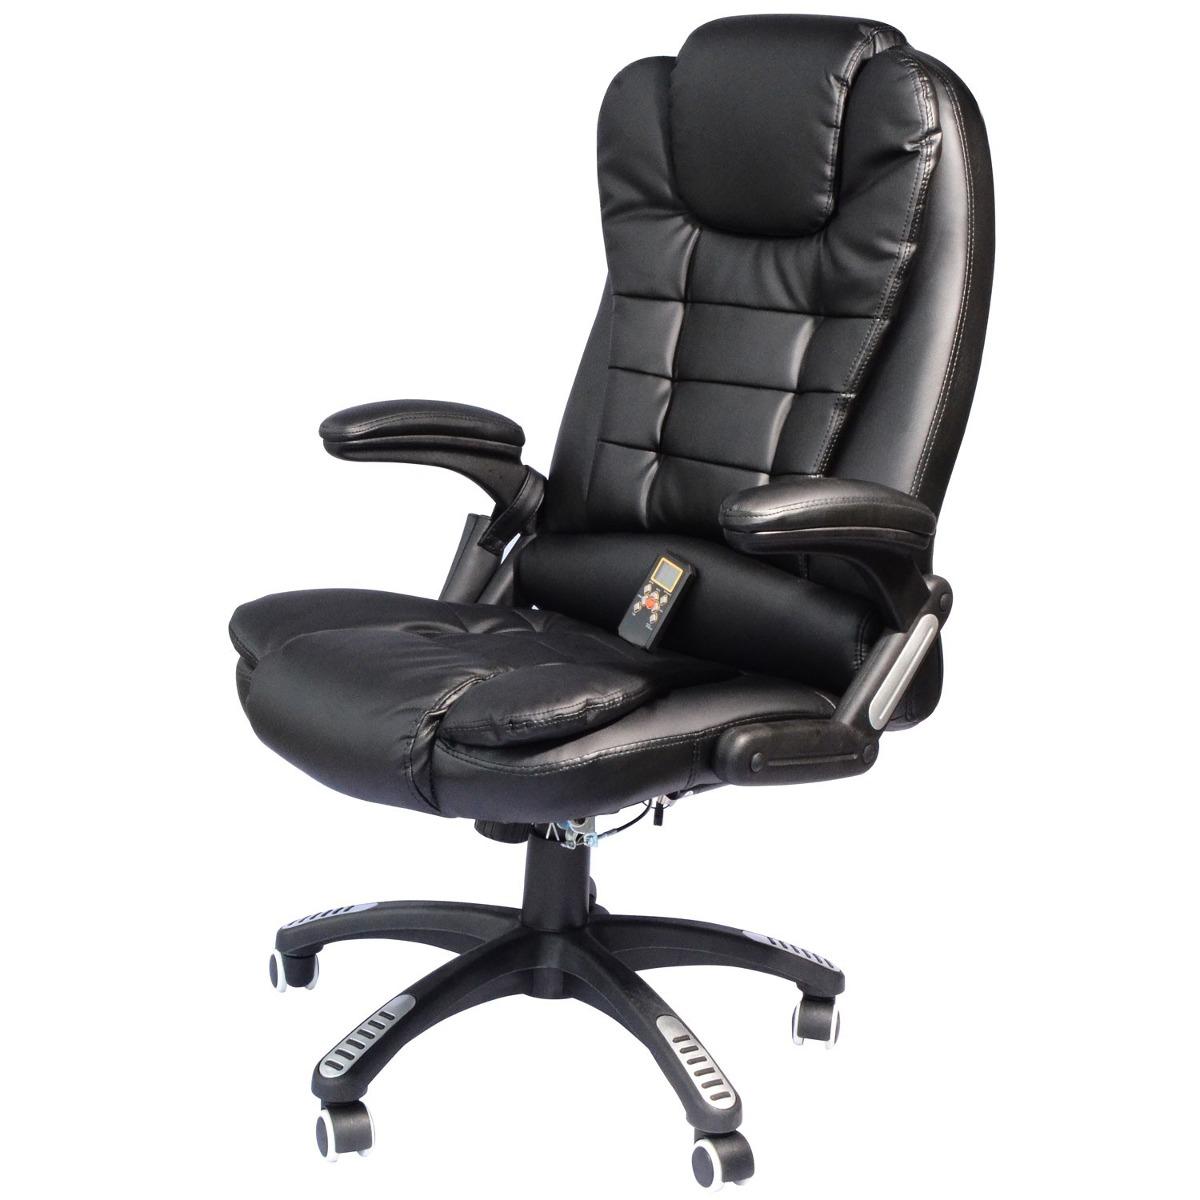 Silla para oficina masajeadora ergon mica 4 en for Precios sillas giratorias para escritorio